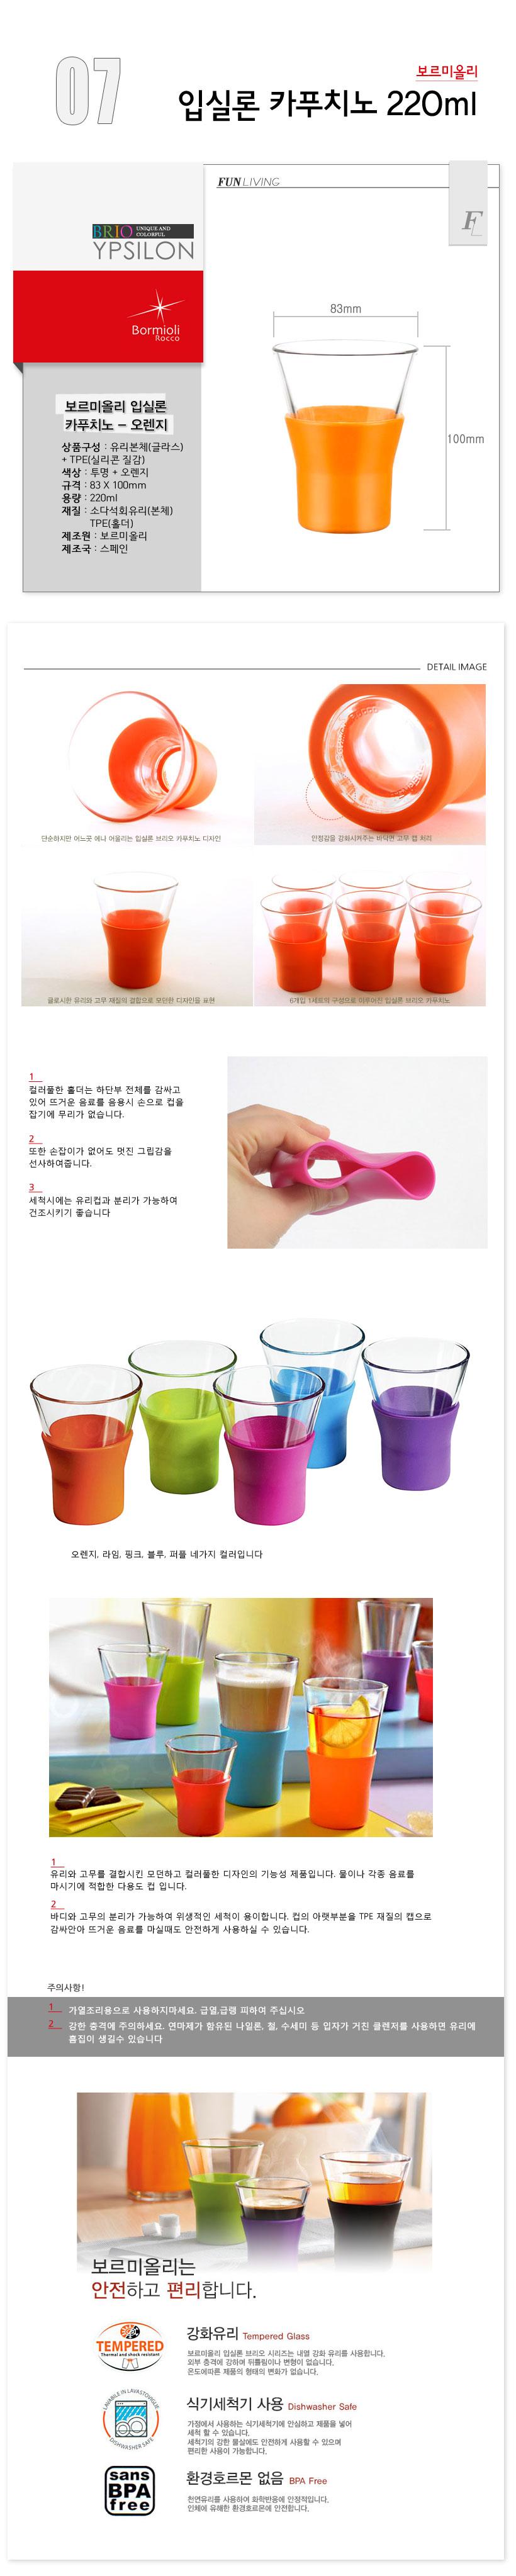 보르미올리 유리컵 오렌지 220ml - 재미있는생활, 5,000원, 유리컵/술잔, 유리컵